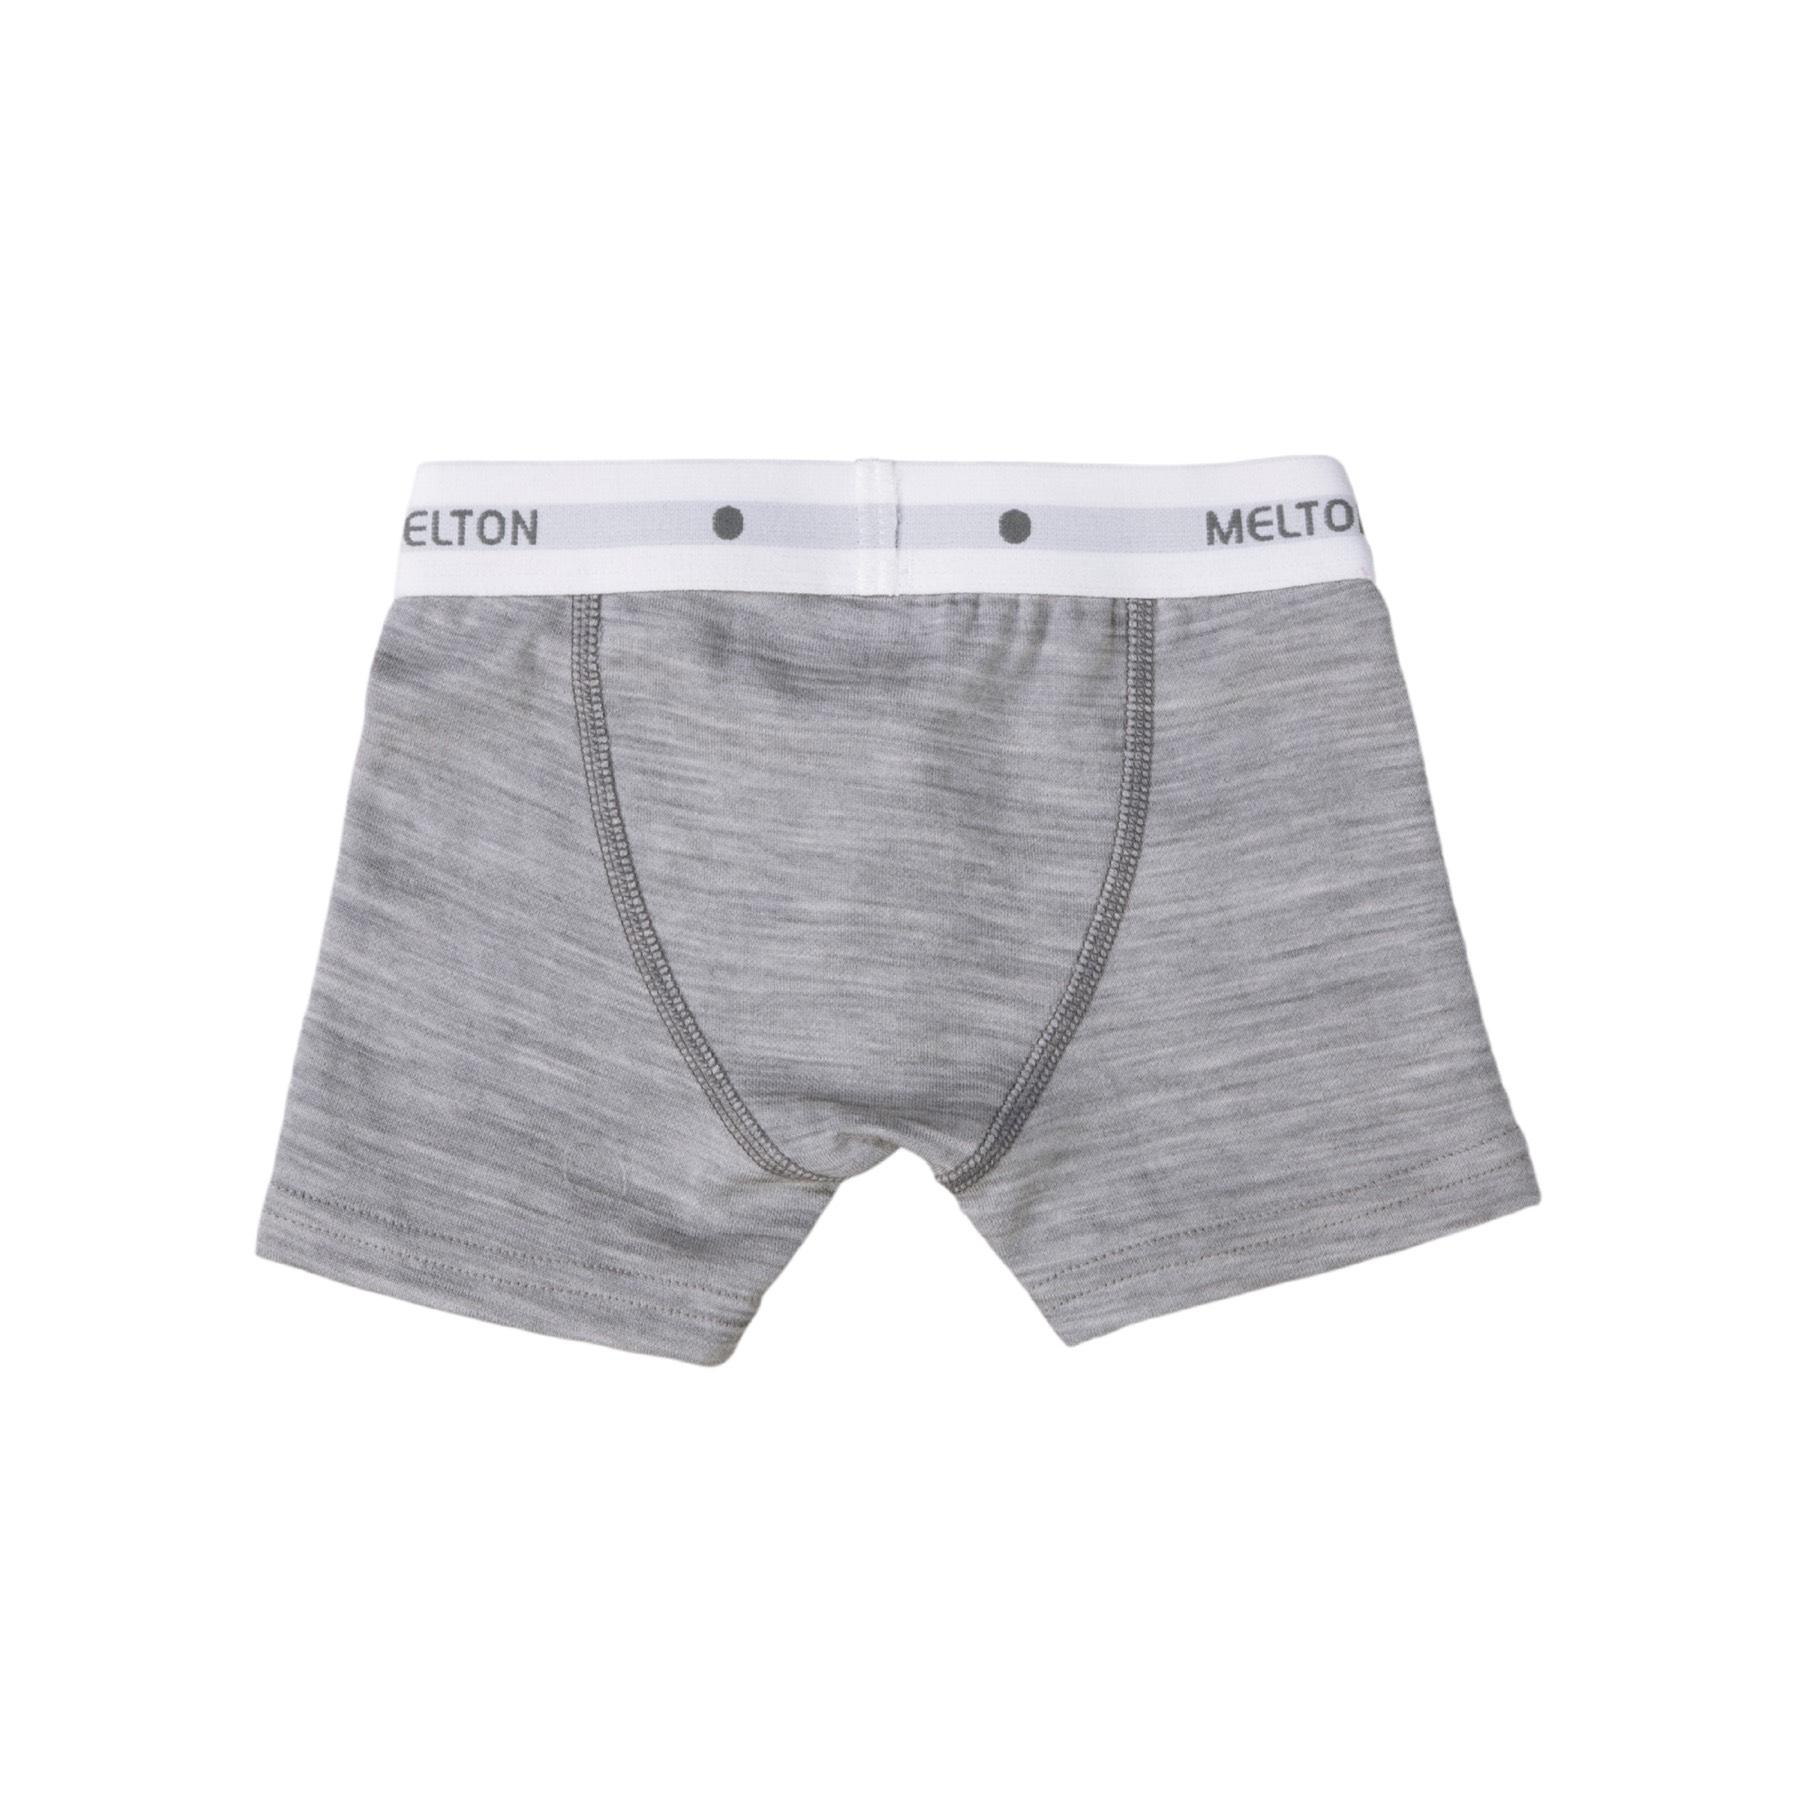 f1165395c84 Melton boxershorts til dreng i uld og bomuld - Lysegrå